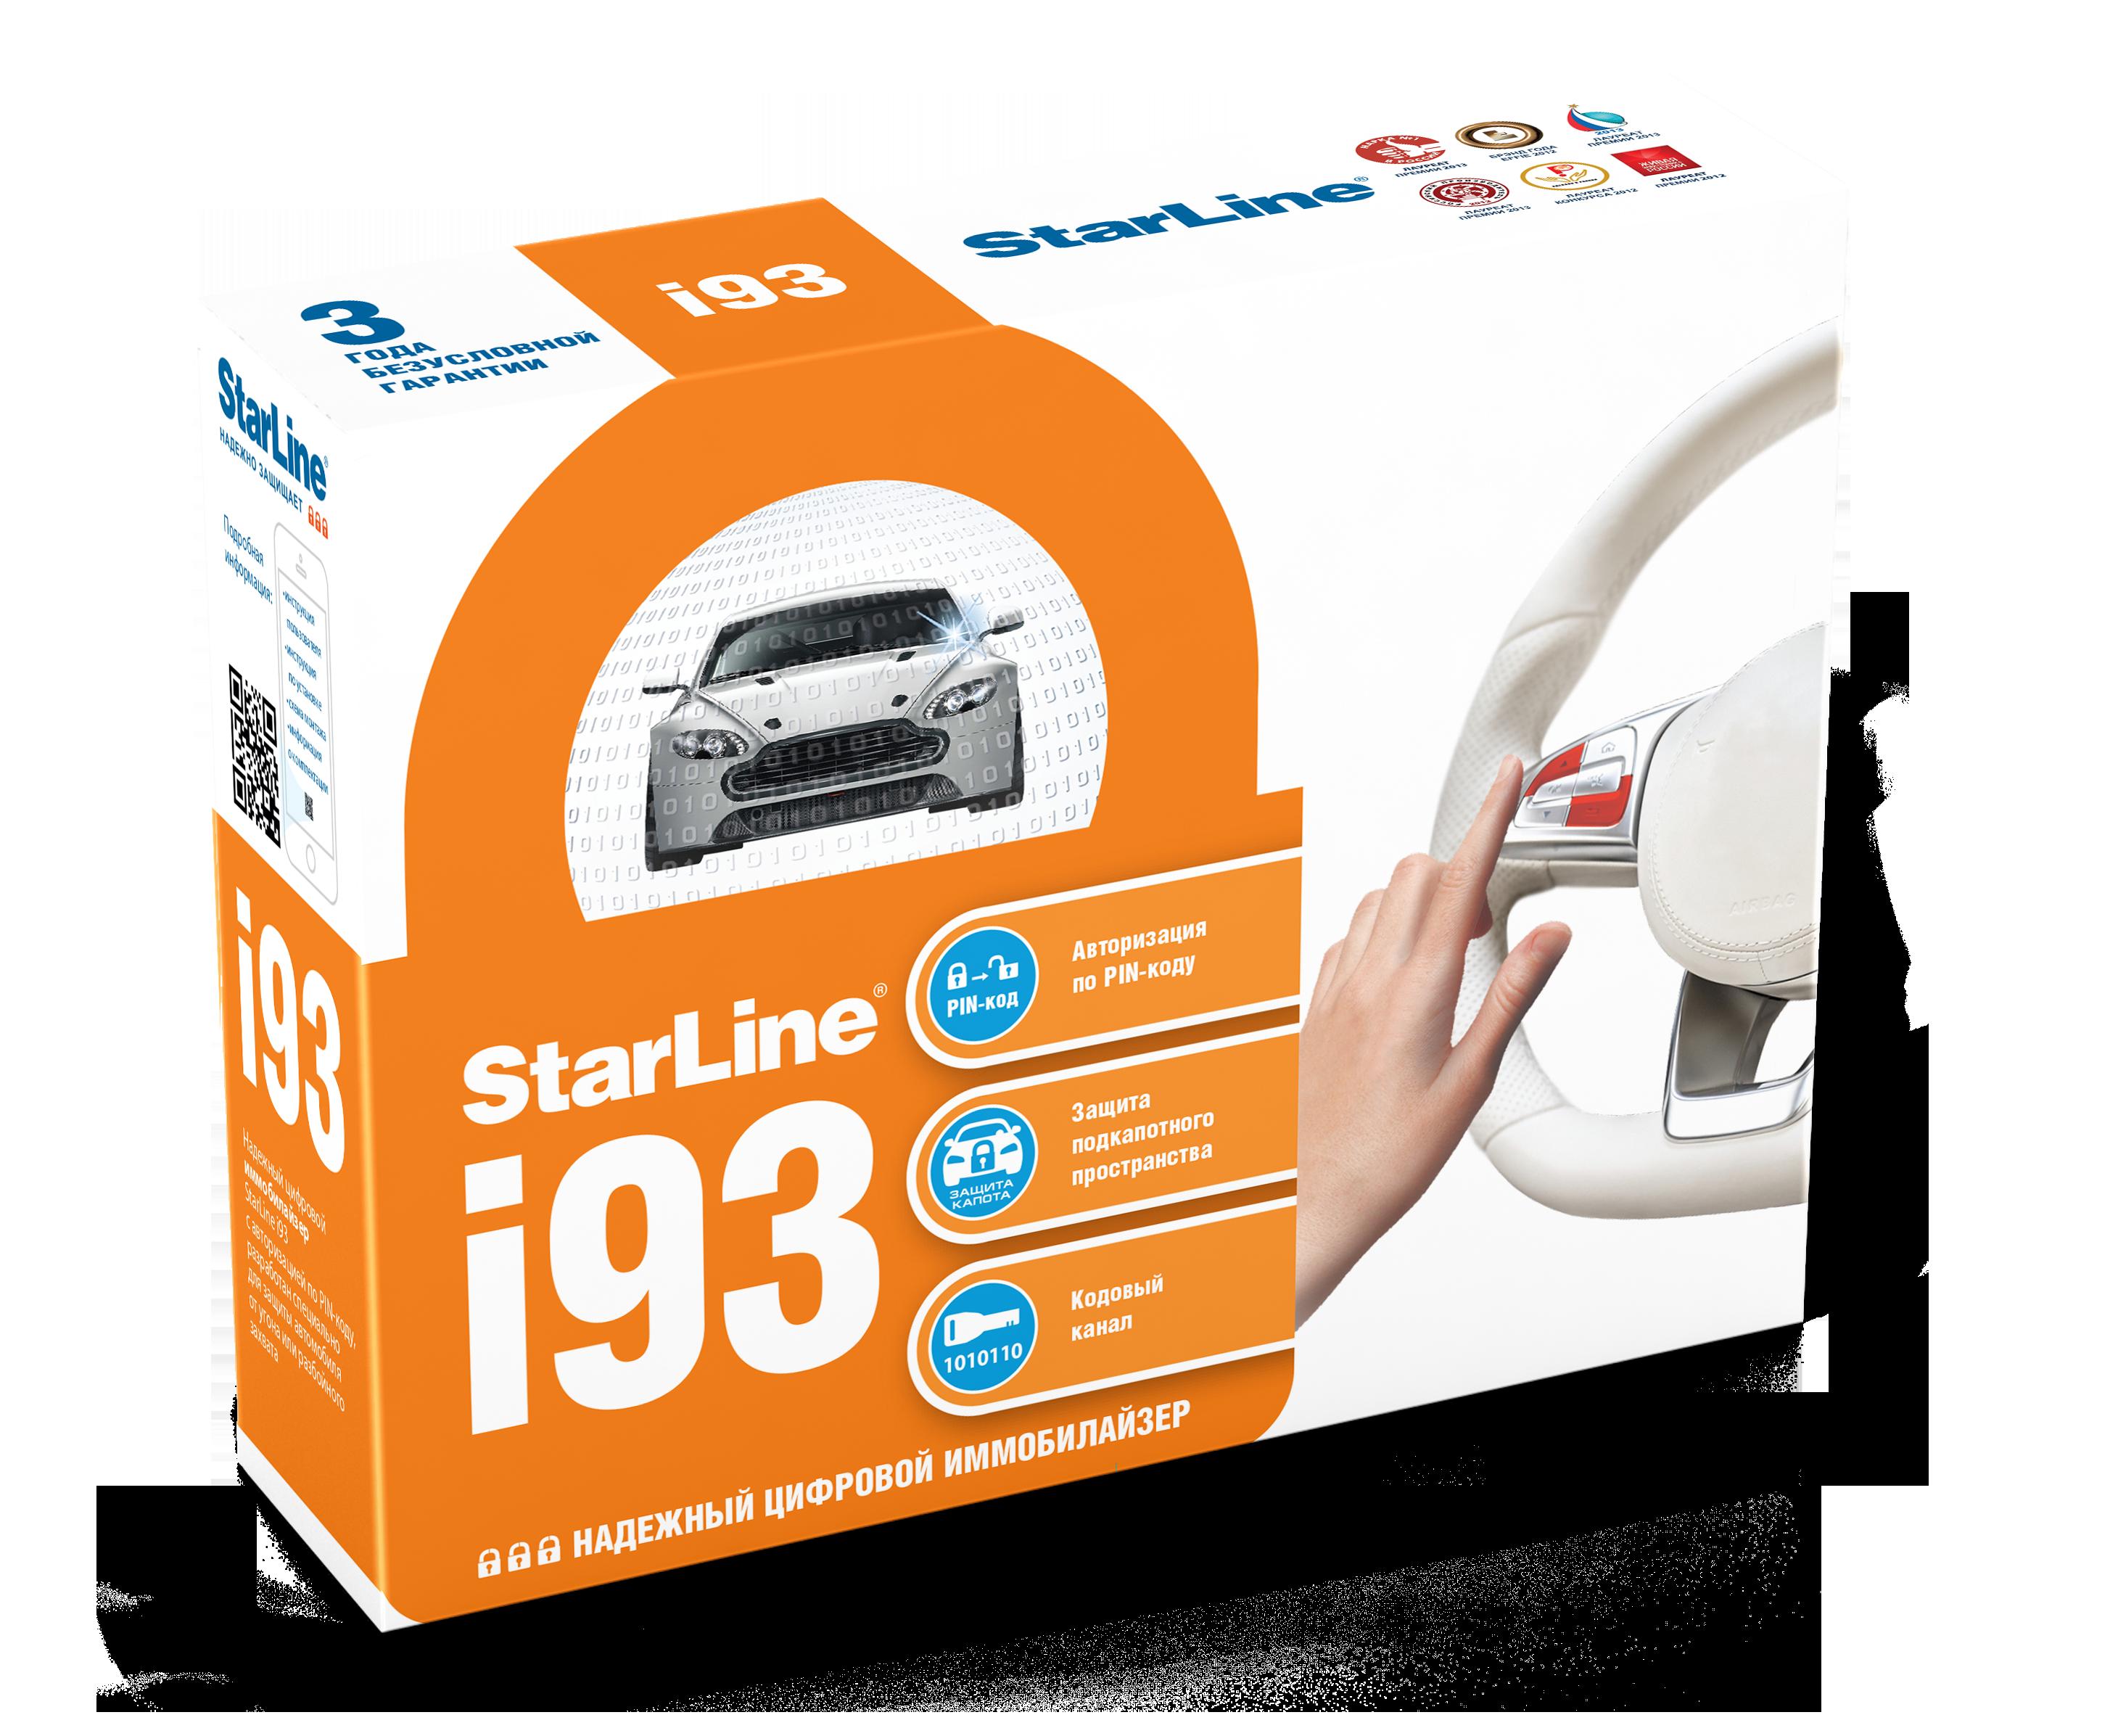 StarLine_i93